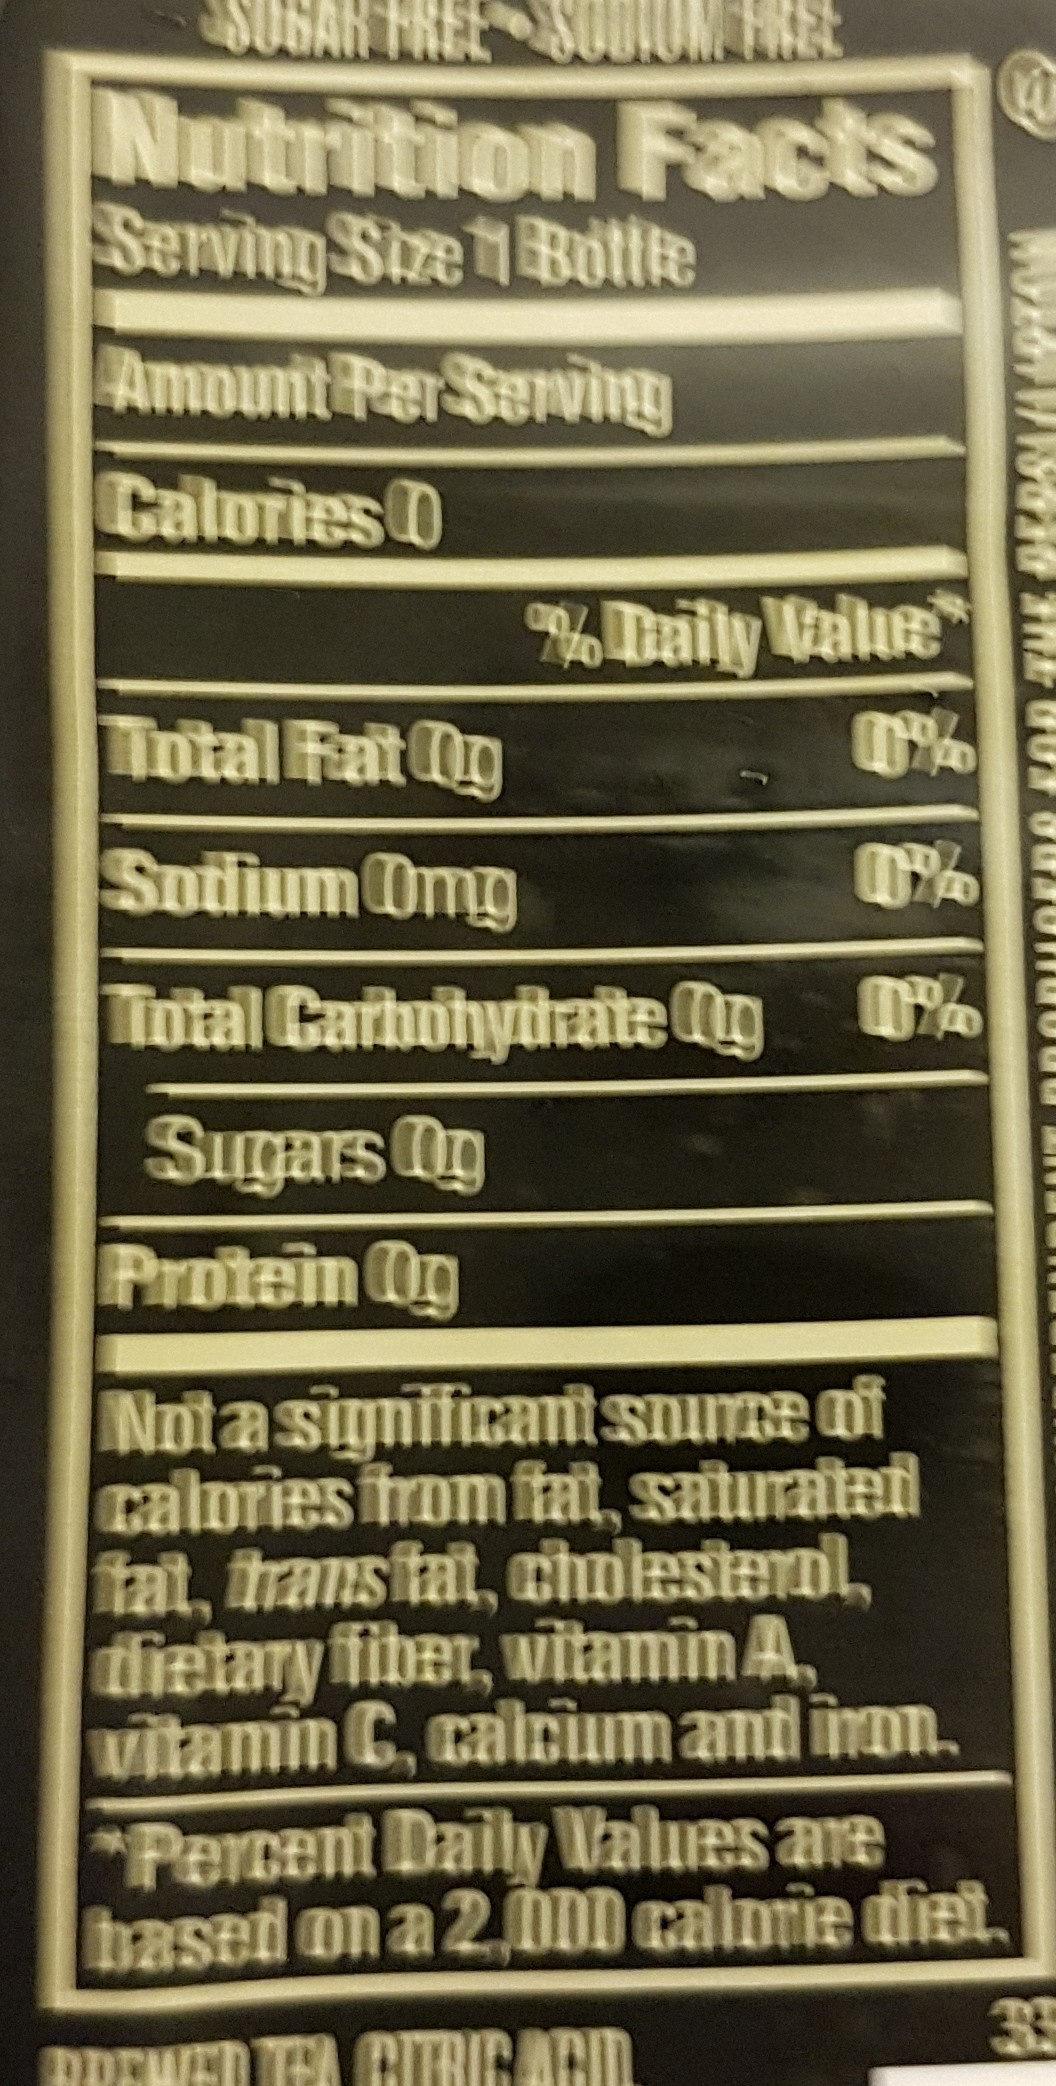 Pure Leaf Unsweetened No Lemon Iced Tea 18.5 Fluid Ounce Plastic Bottle - Ingredients - en